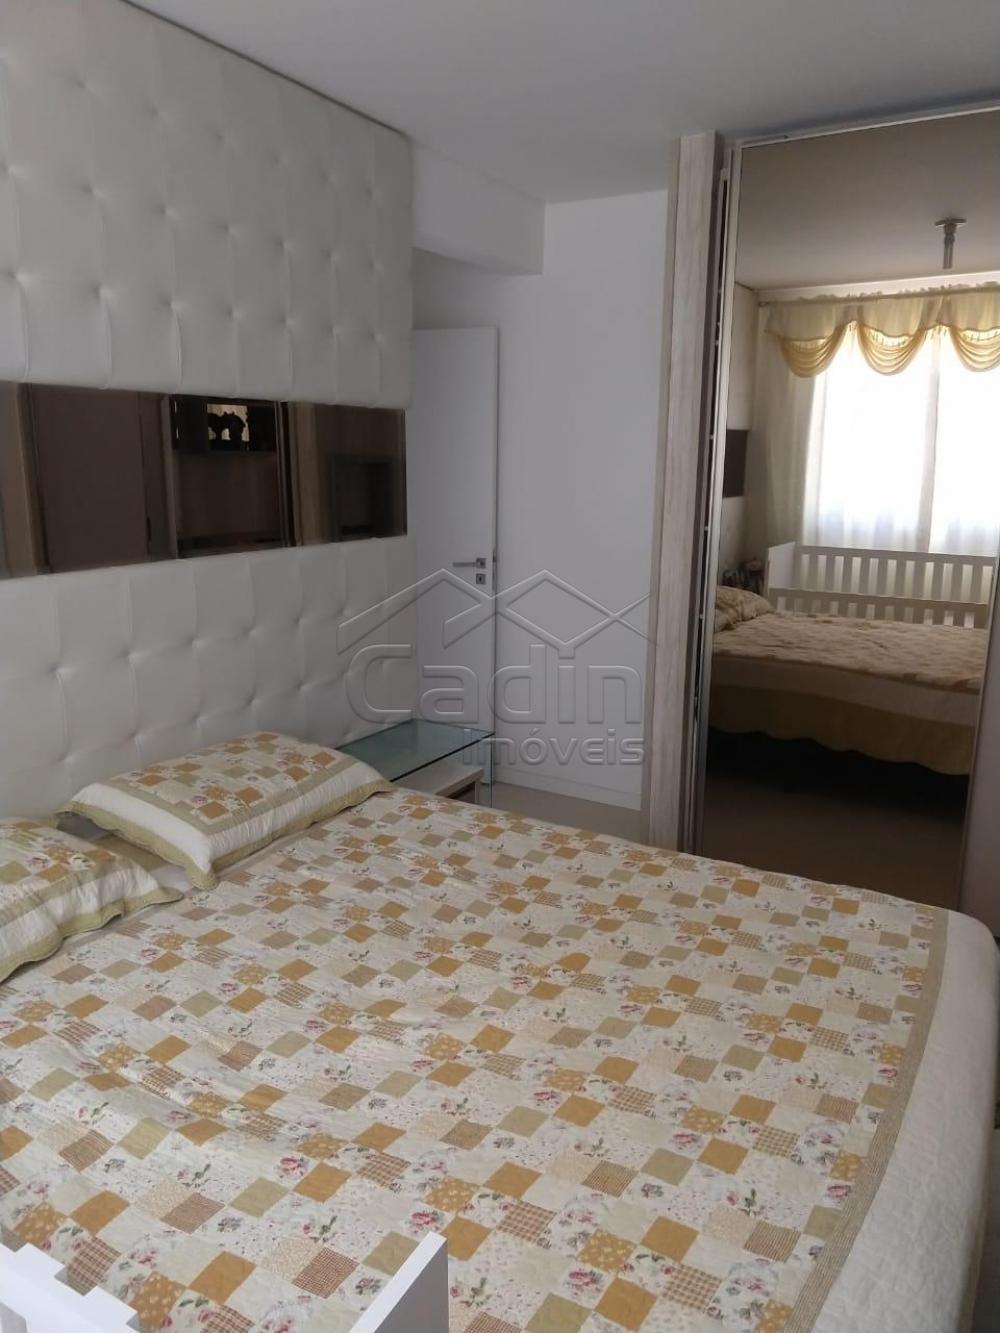 Comprar Apartamento / Padrão em Navegantes R$ 630.000,00 - Foto 22